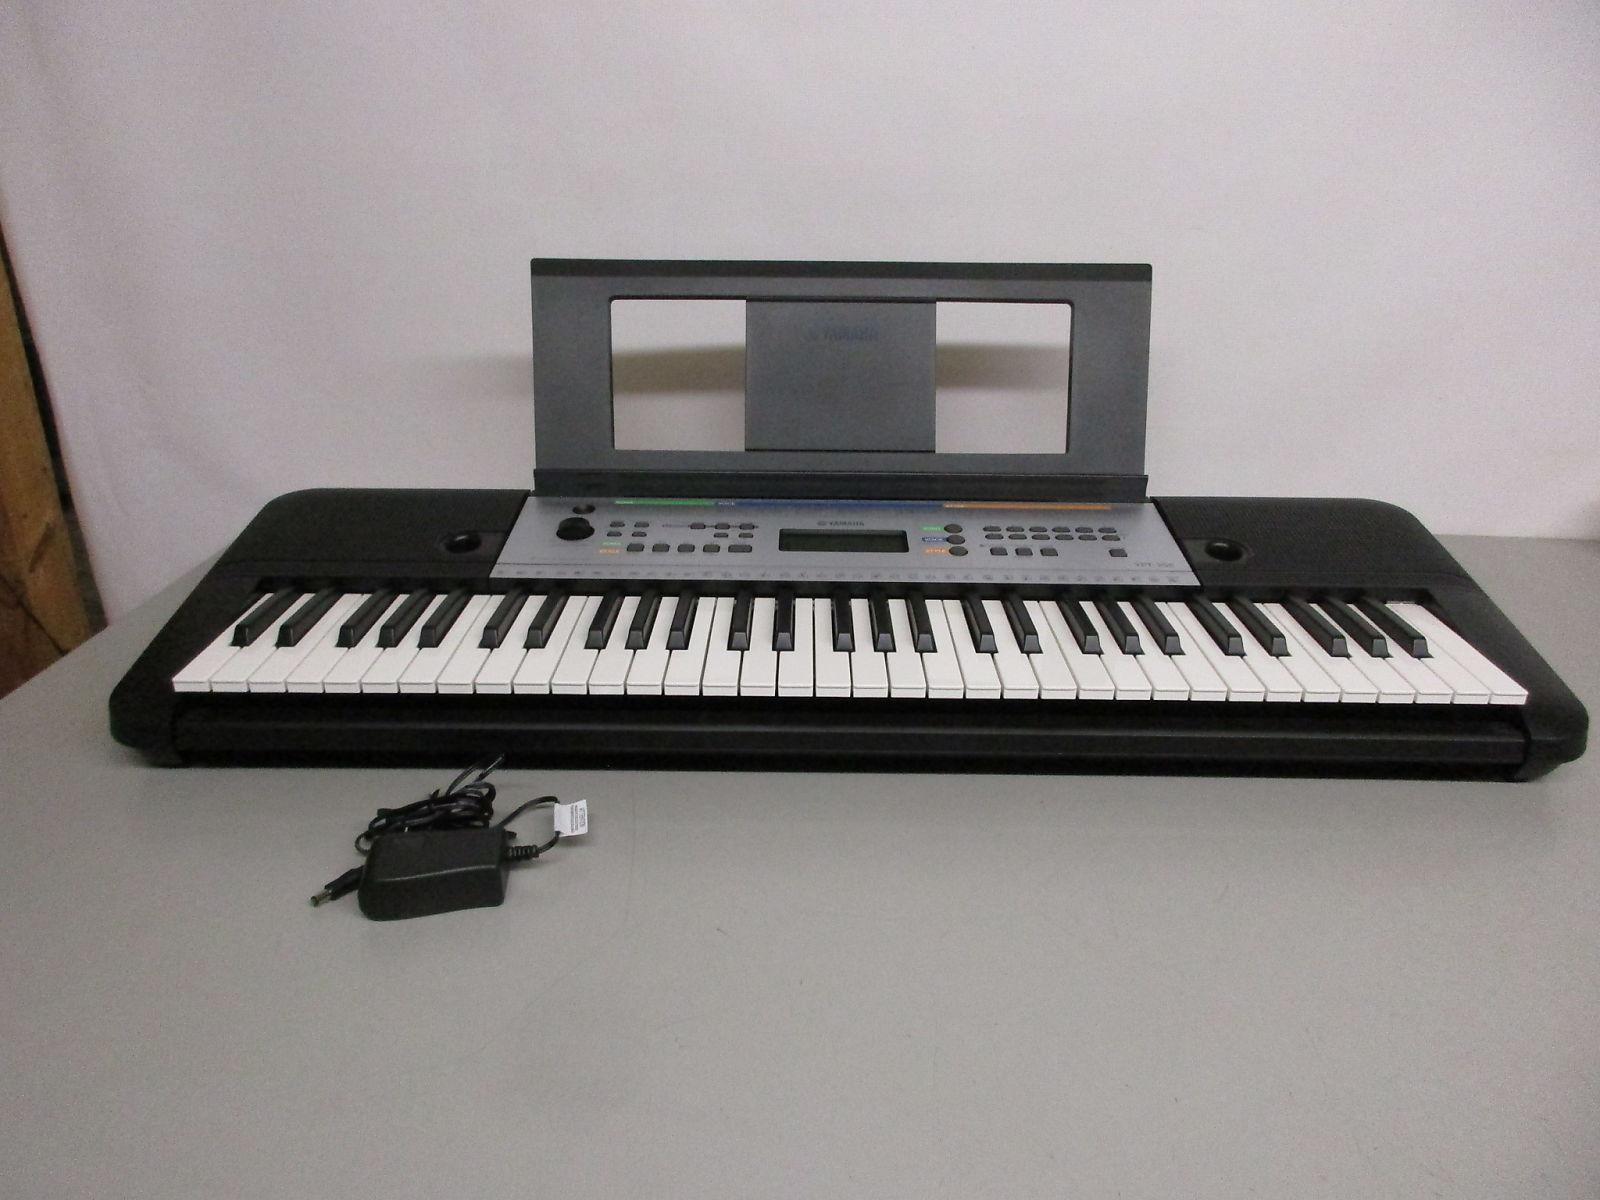 yamaha ypt 255 61 note digital keyboard reverb. Black Bedroom Furniture Sets. Home Design Ideas